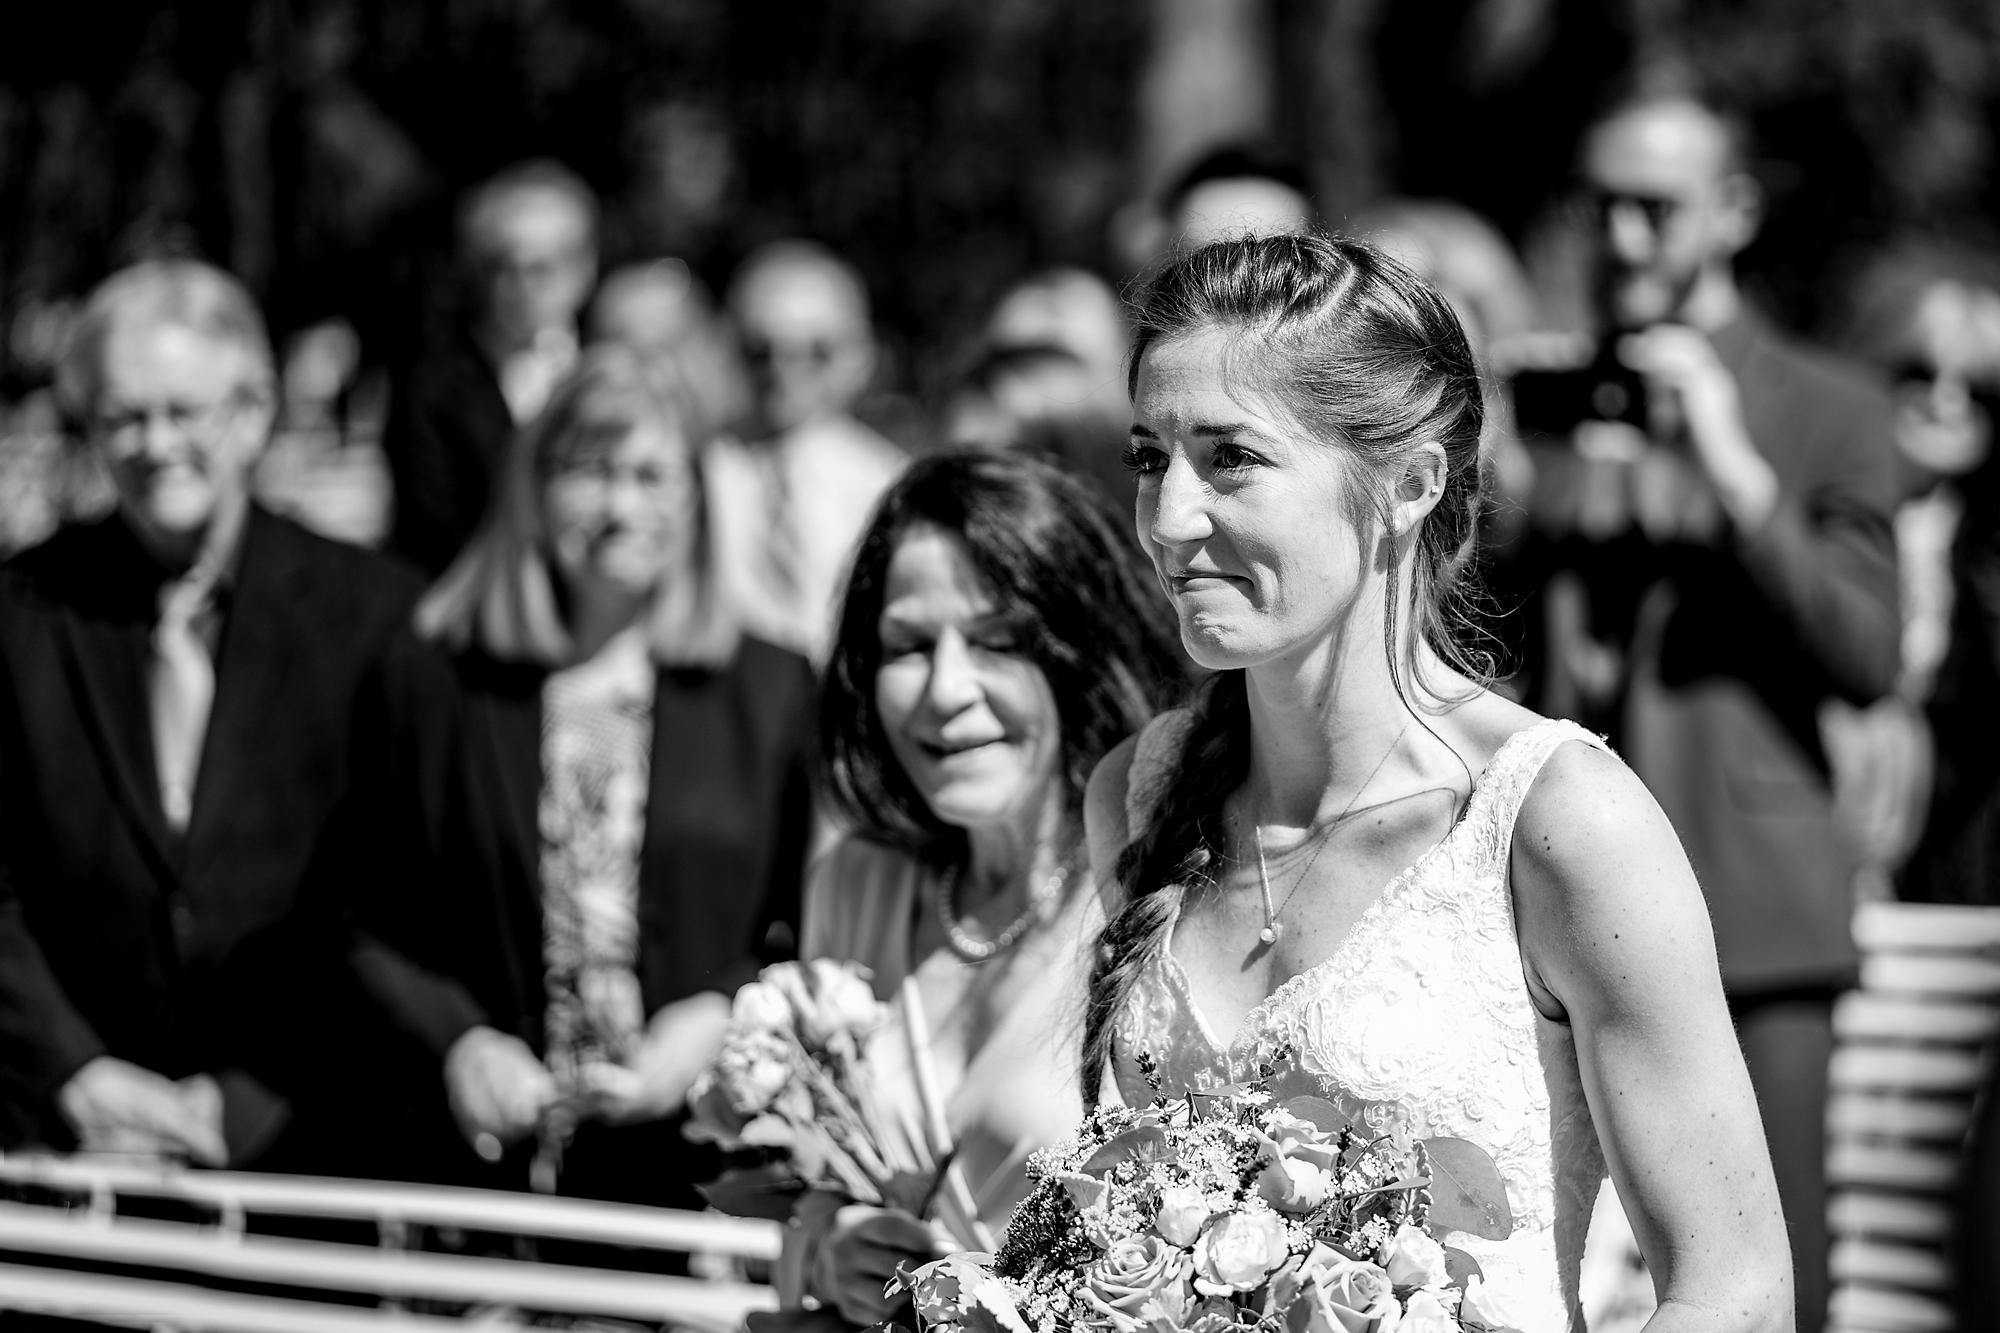 Polen-Farm-Wedding-Photos-28.jpg